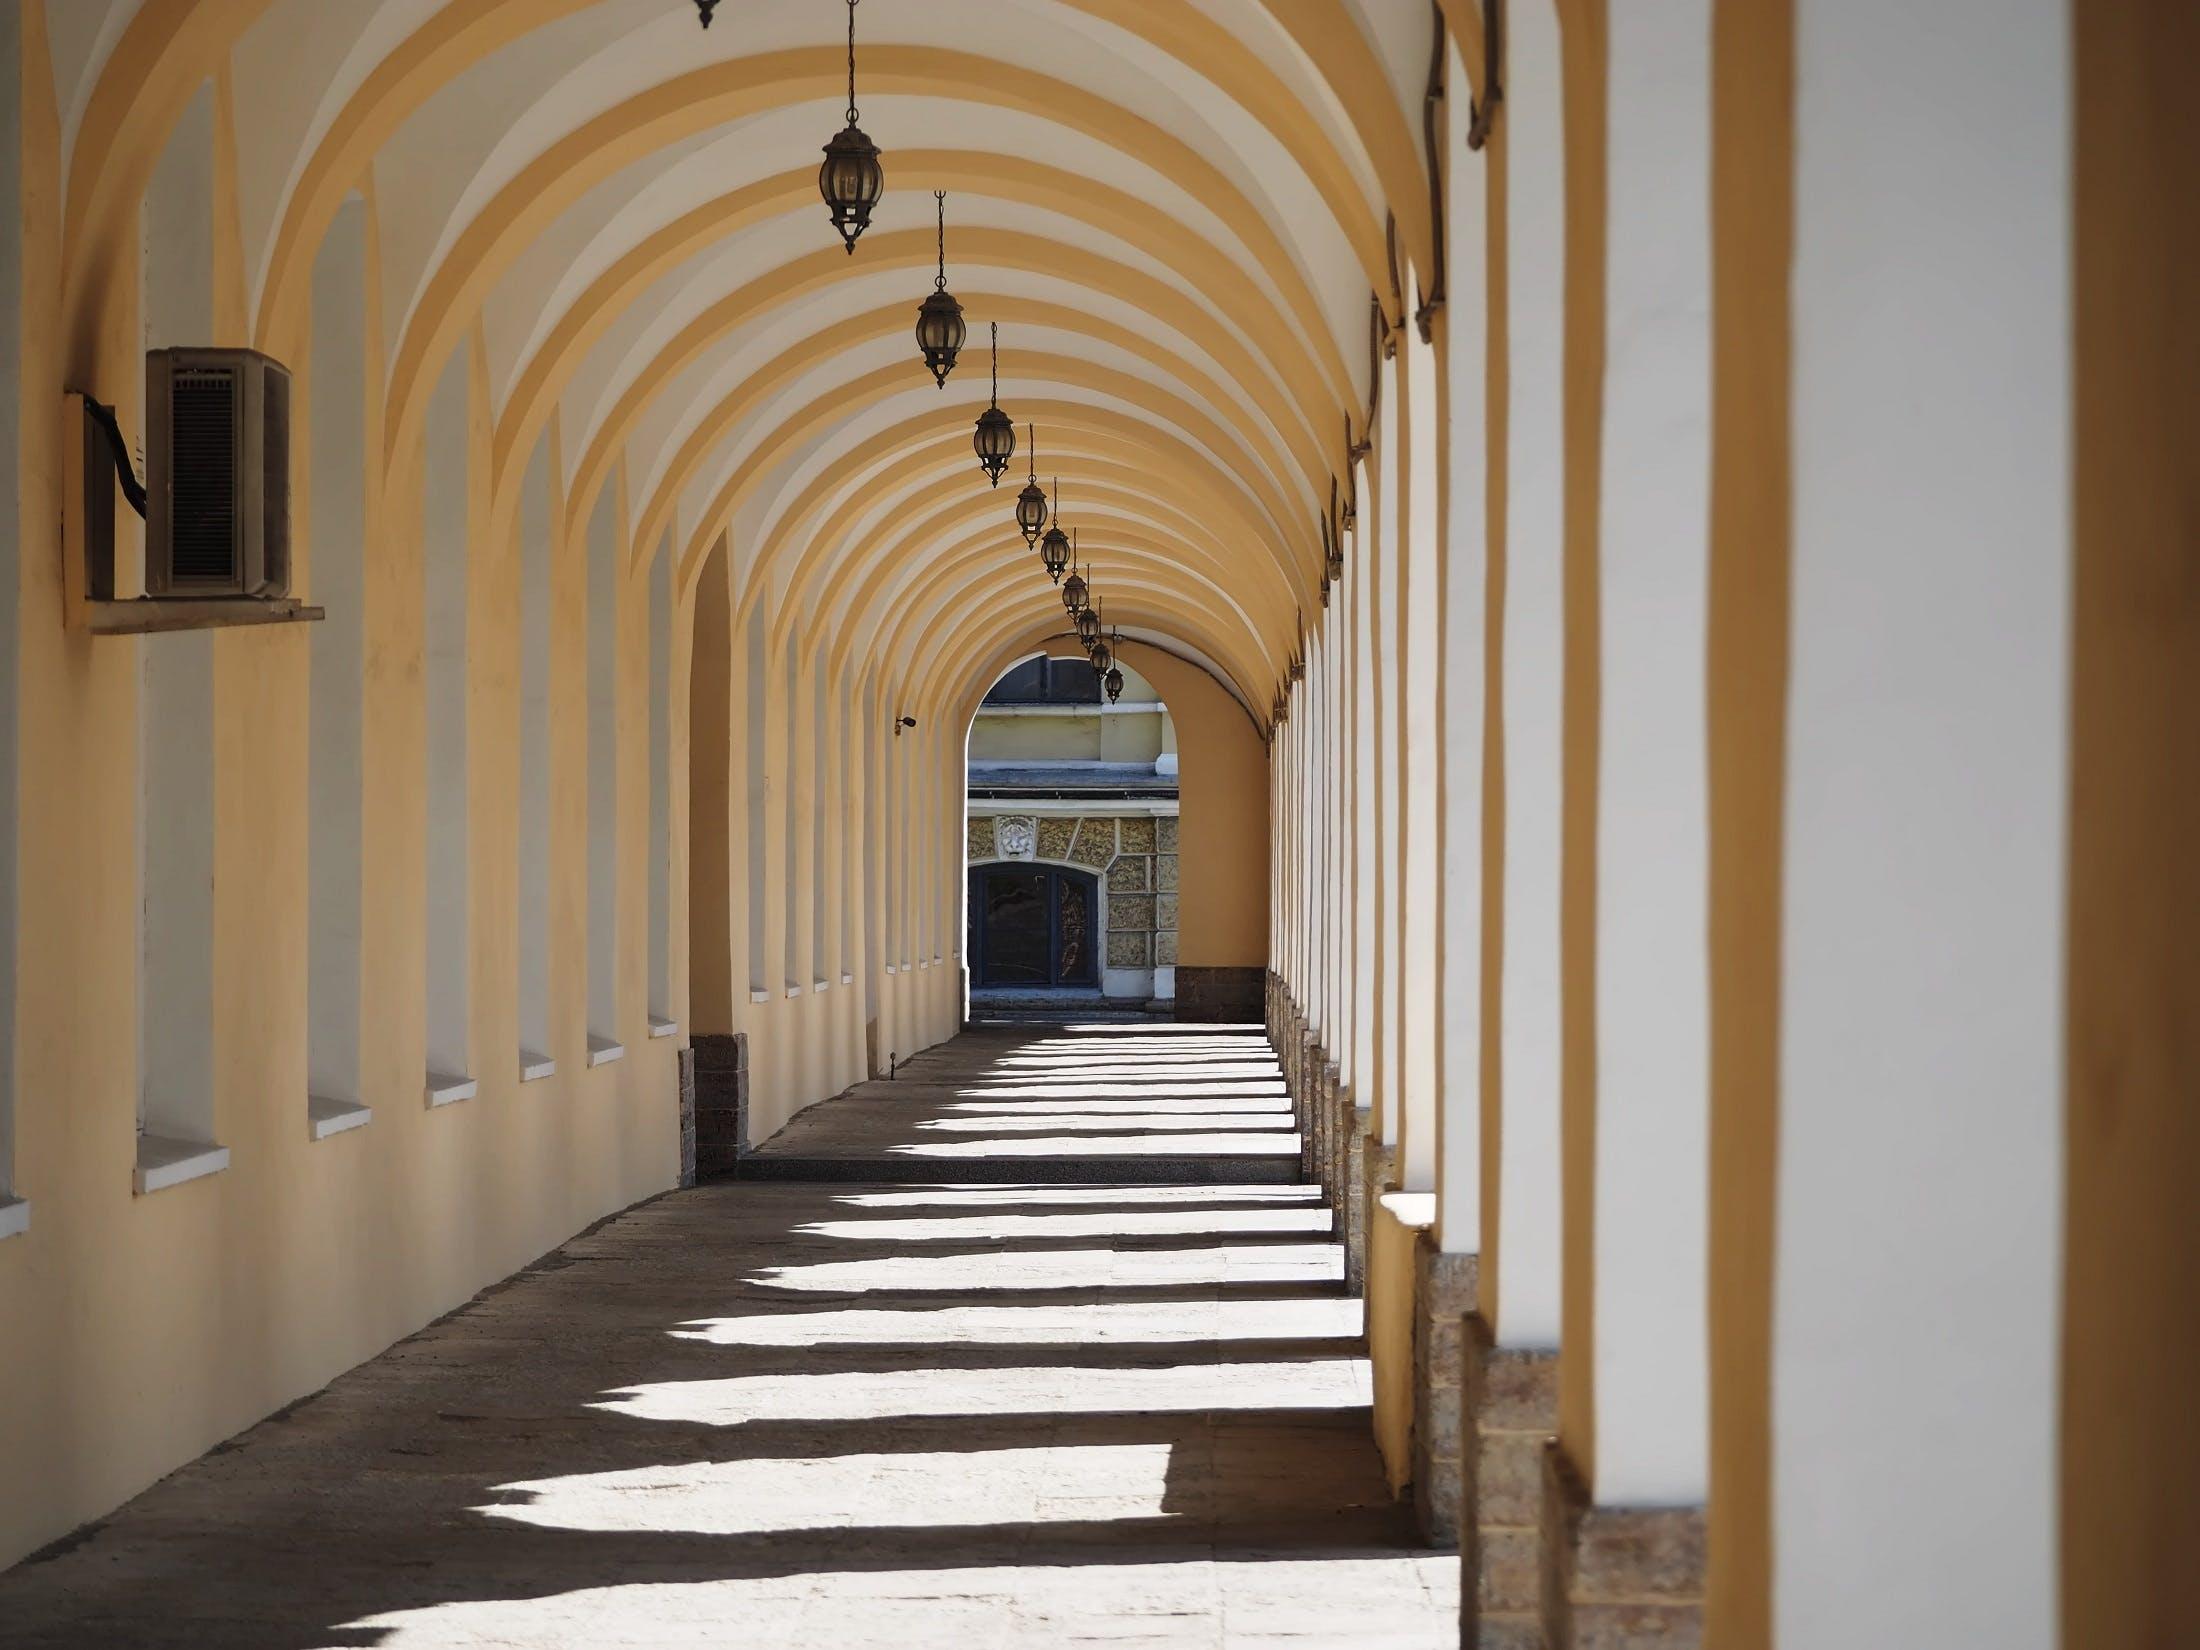 bina, gölge, gün ışığı, kemerler içeren Ücretsiz stok fotoğraf